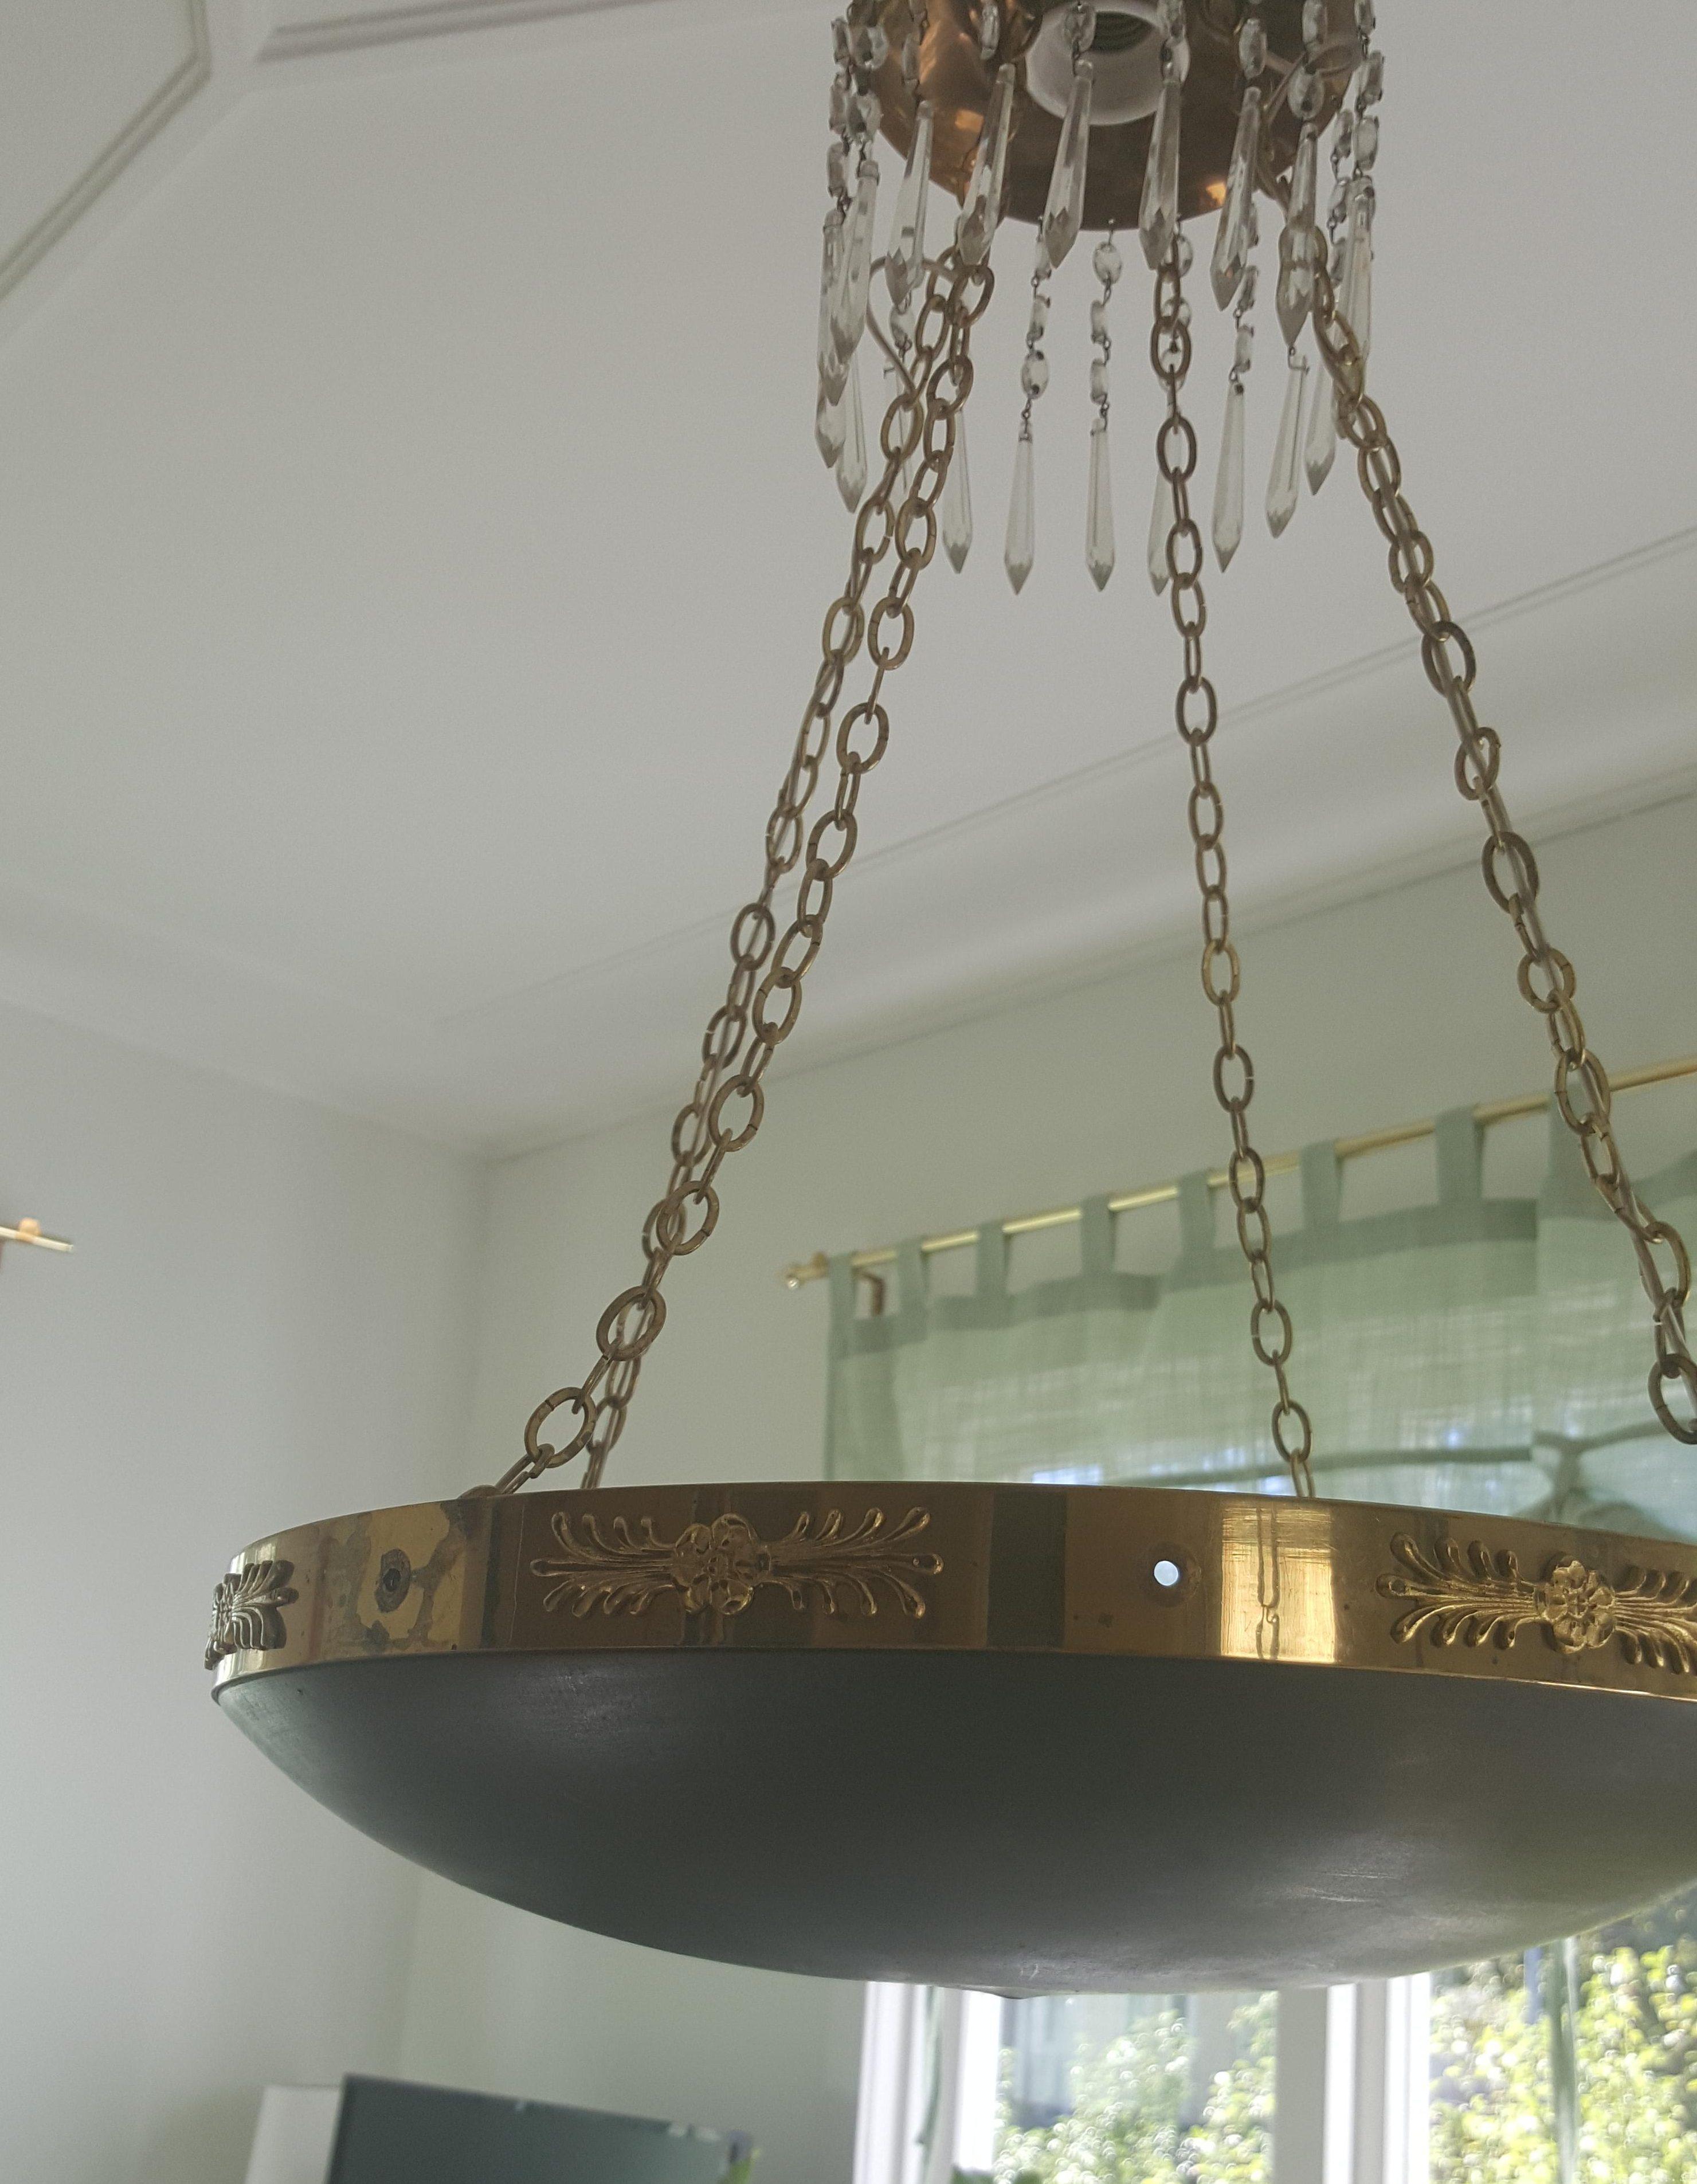 Lamprenovering, fix av en Empire lampkrona svart mässing kristaller pysslan blogg innan